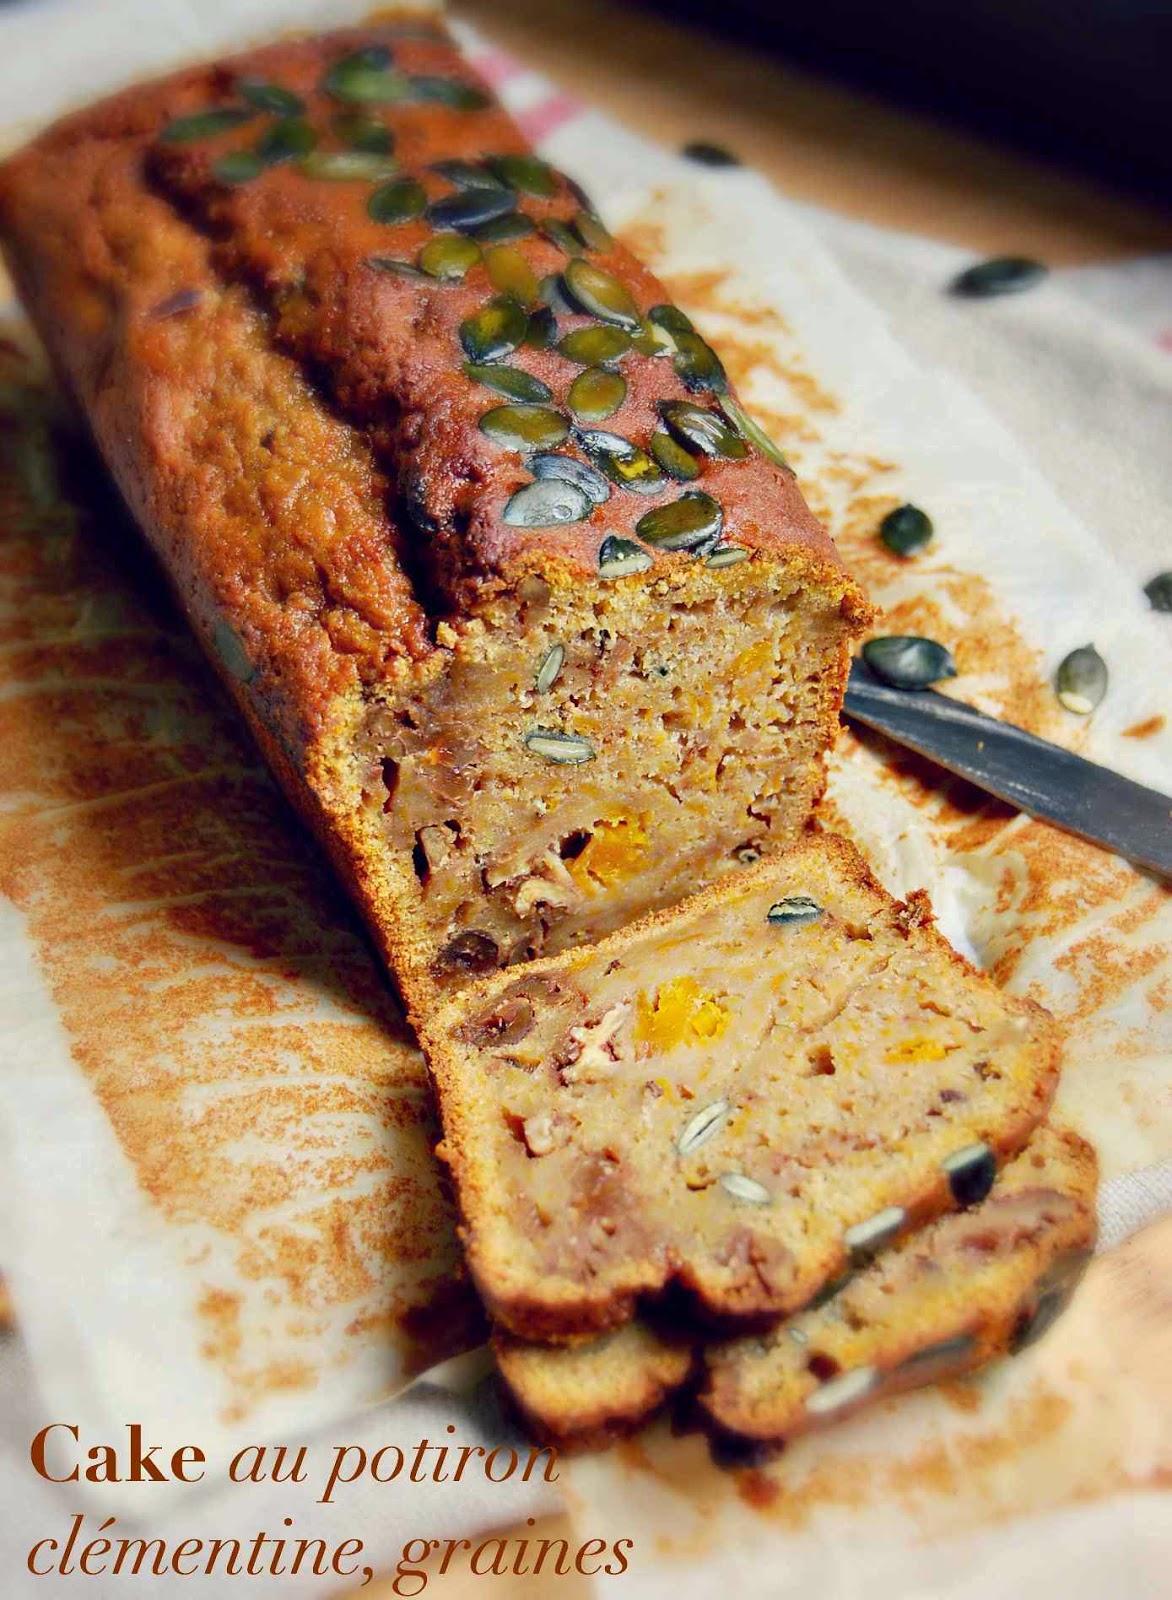 Cake au potiron noix et cl mentine - Cake au potiron sucre ...